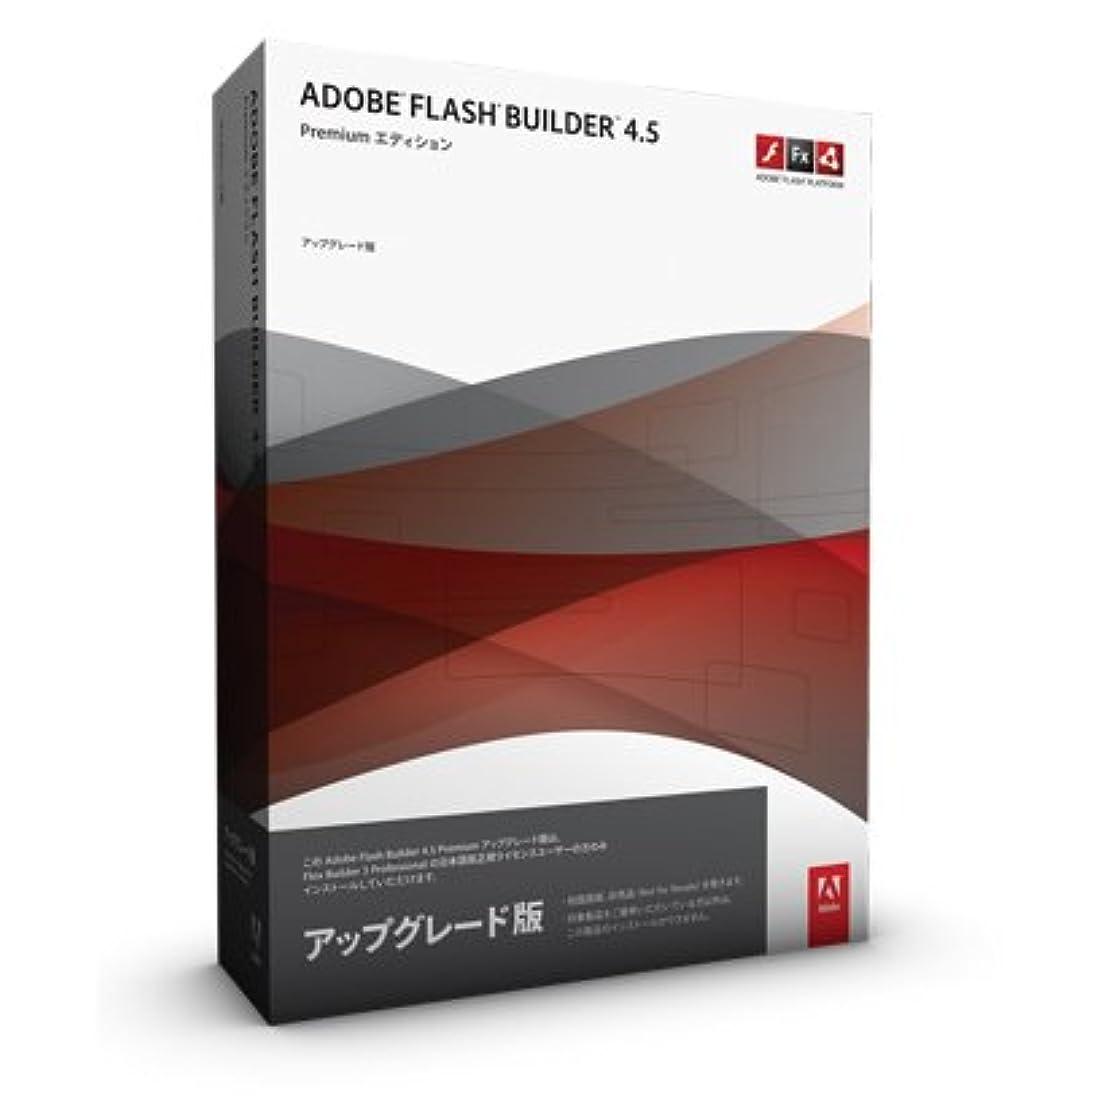 オーディションと闘う見積りFlash Builder Premium 4.6 MLP 日本語 UPG版>FBP3